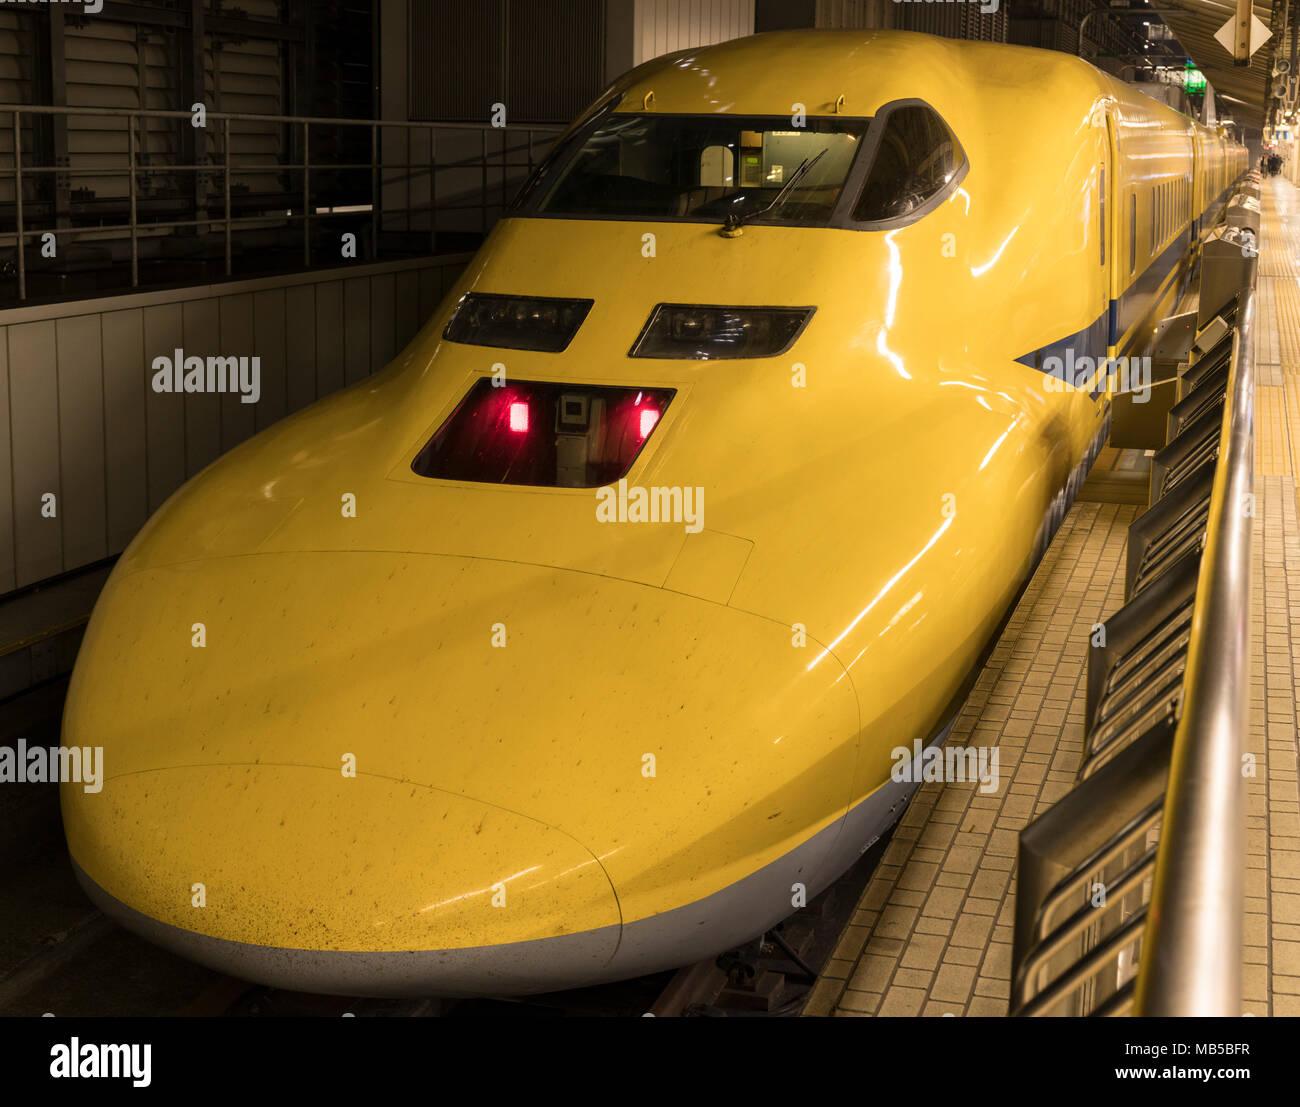 Le Japon Rail jaune, un médecin de diagnostic spécial train Shinkansen, à la gare de Tokyo. Photo Stock